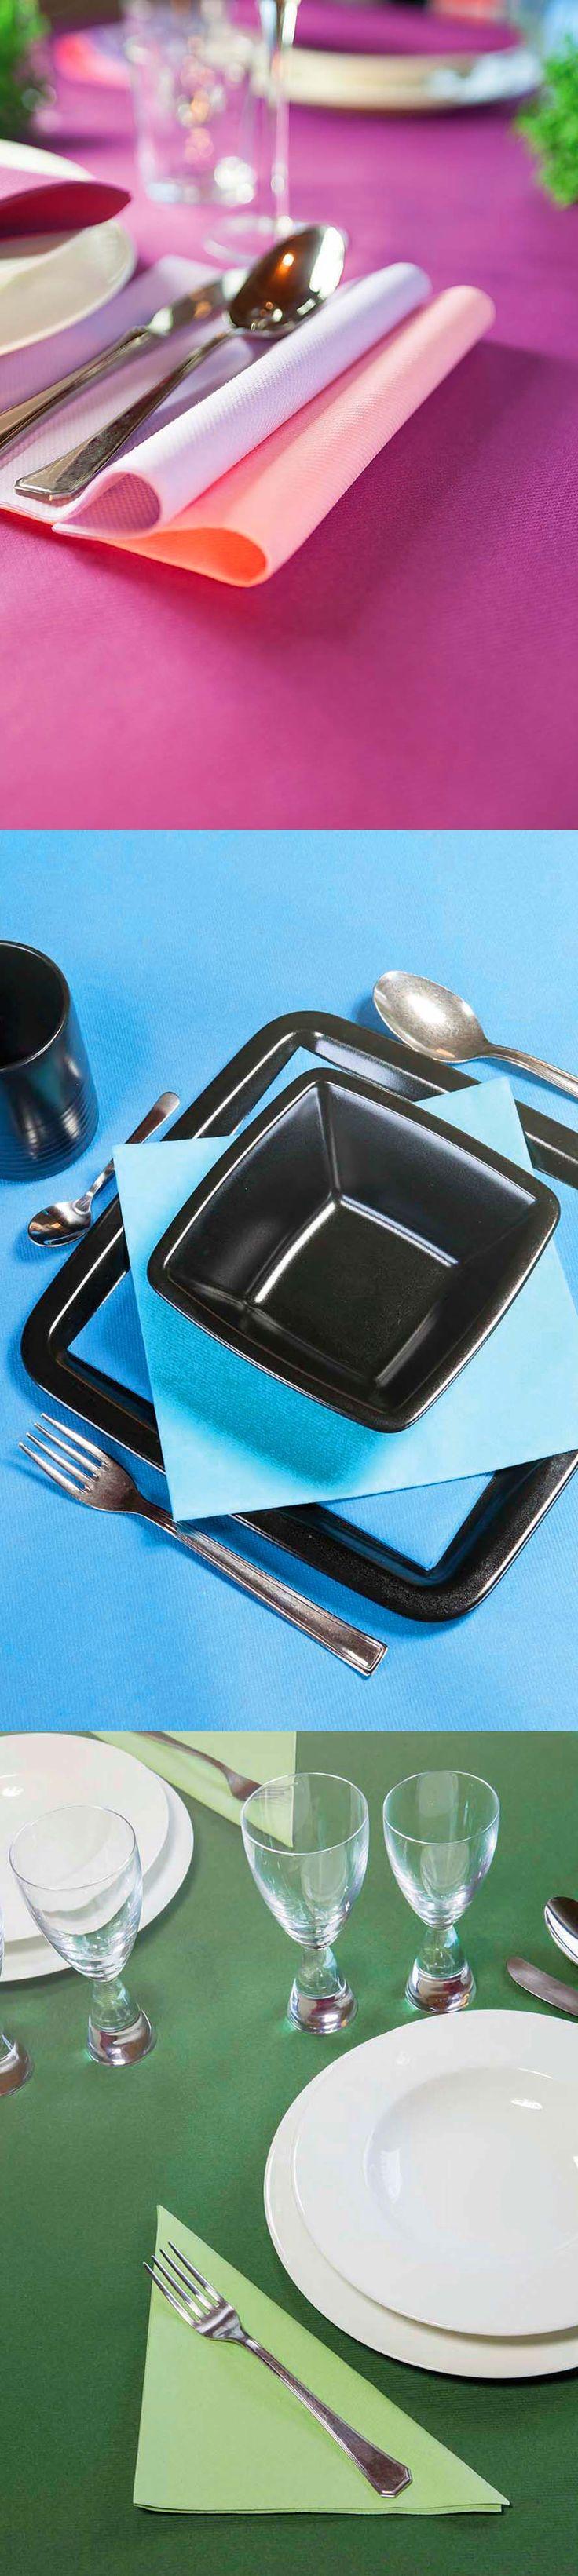 Colora la tua tavola con le tinte unite Class airlaid.